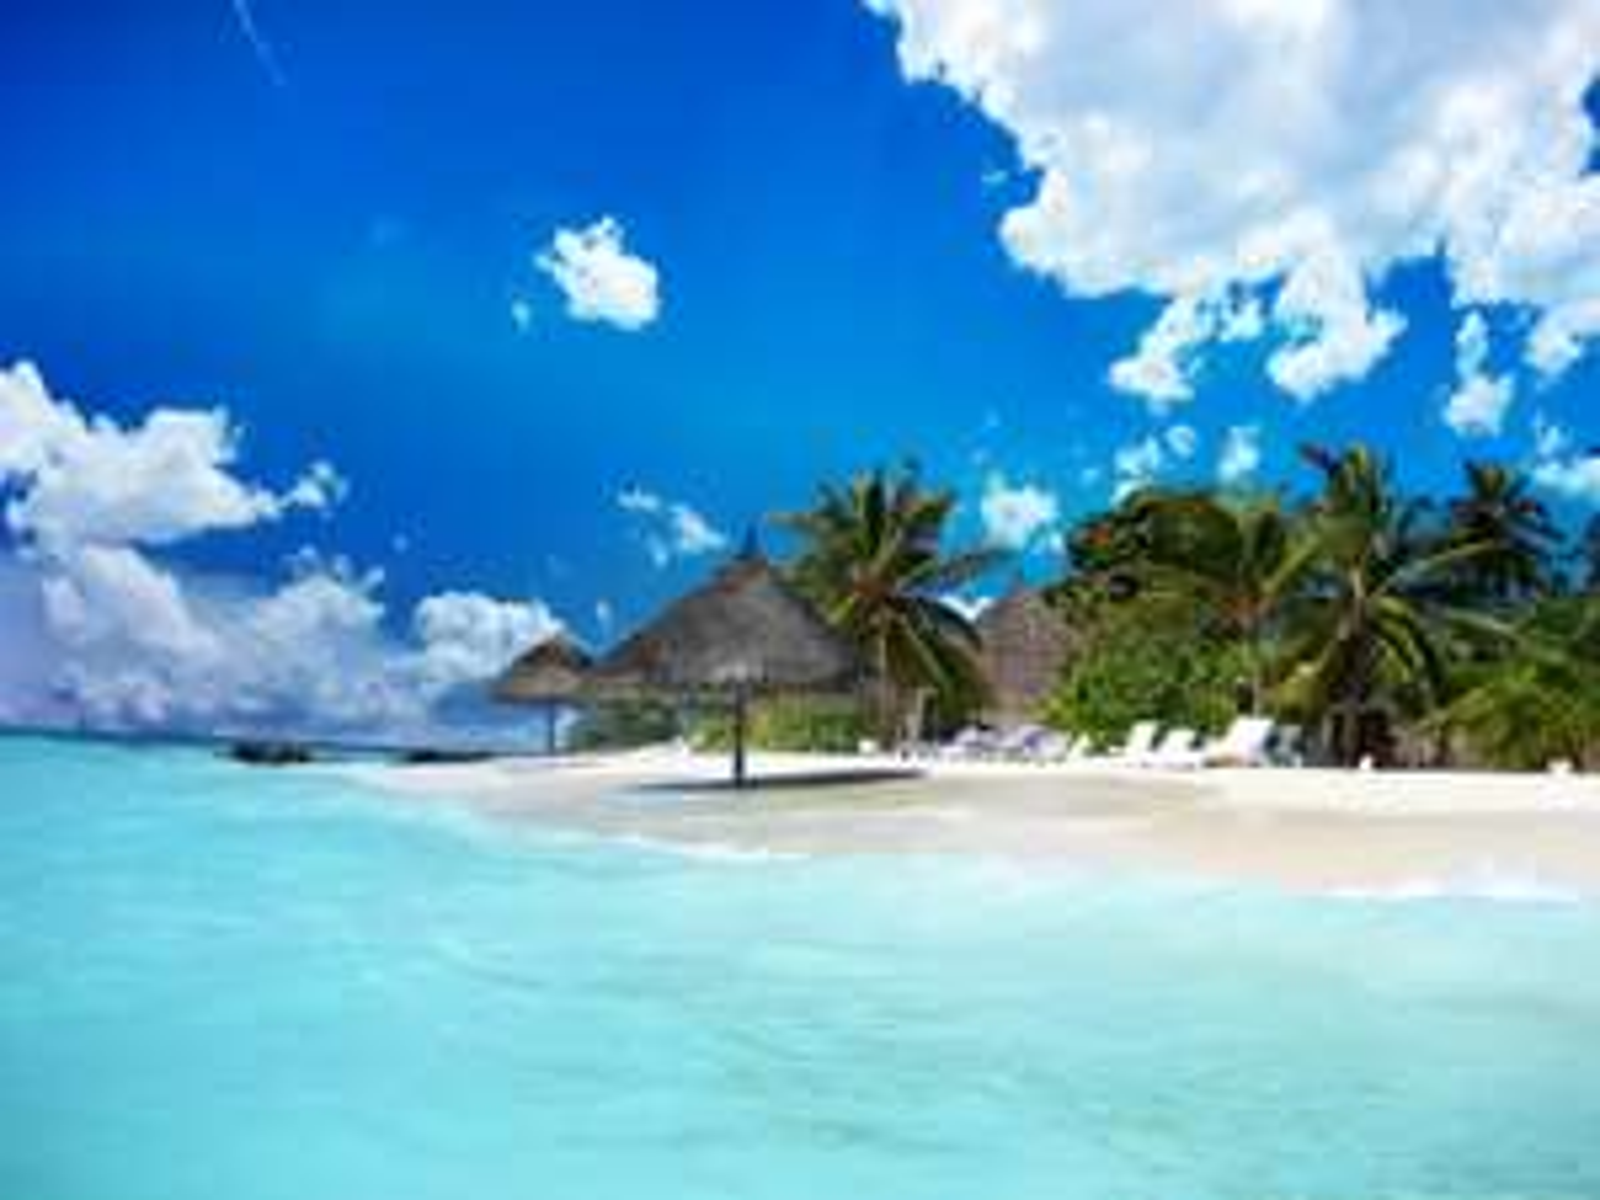 Günstige Flüge von Deutschland nach Martinique oder Guadeloupe ab nur 376 €